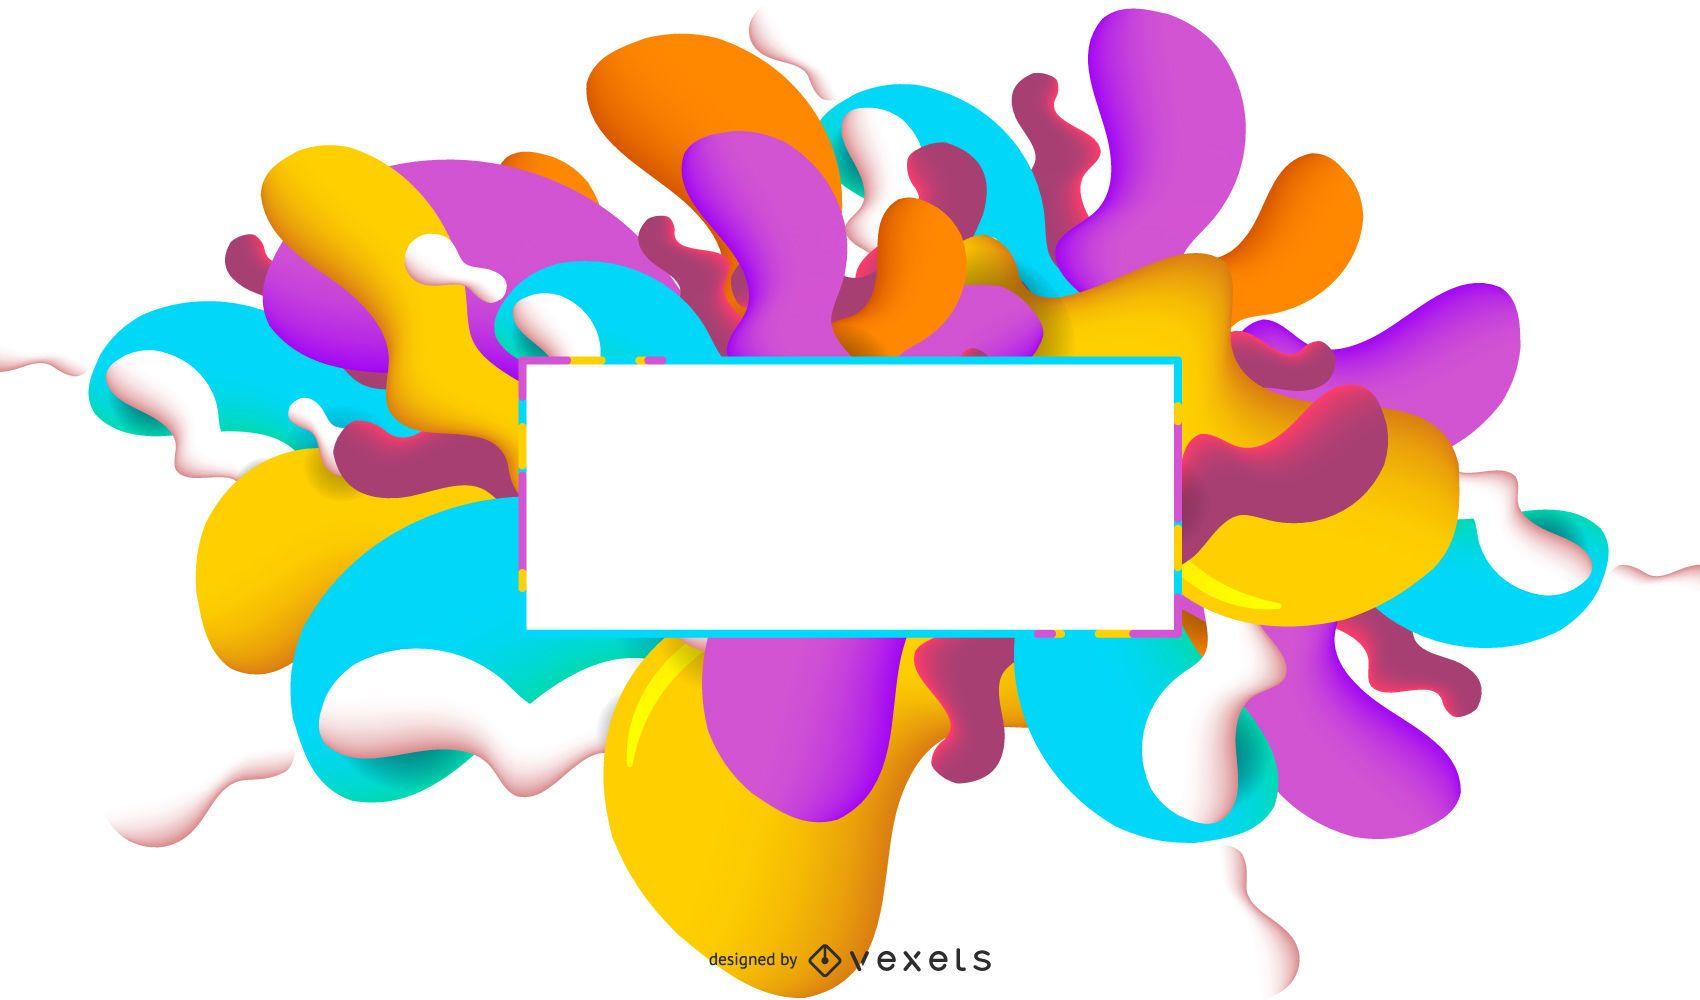 Caixa de texto 2D com respingos abstratos